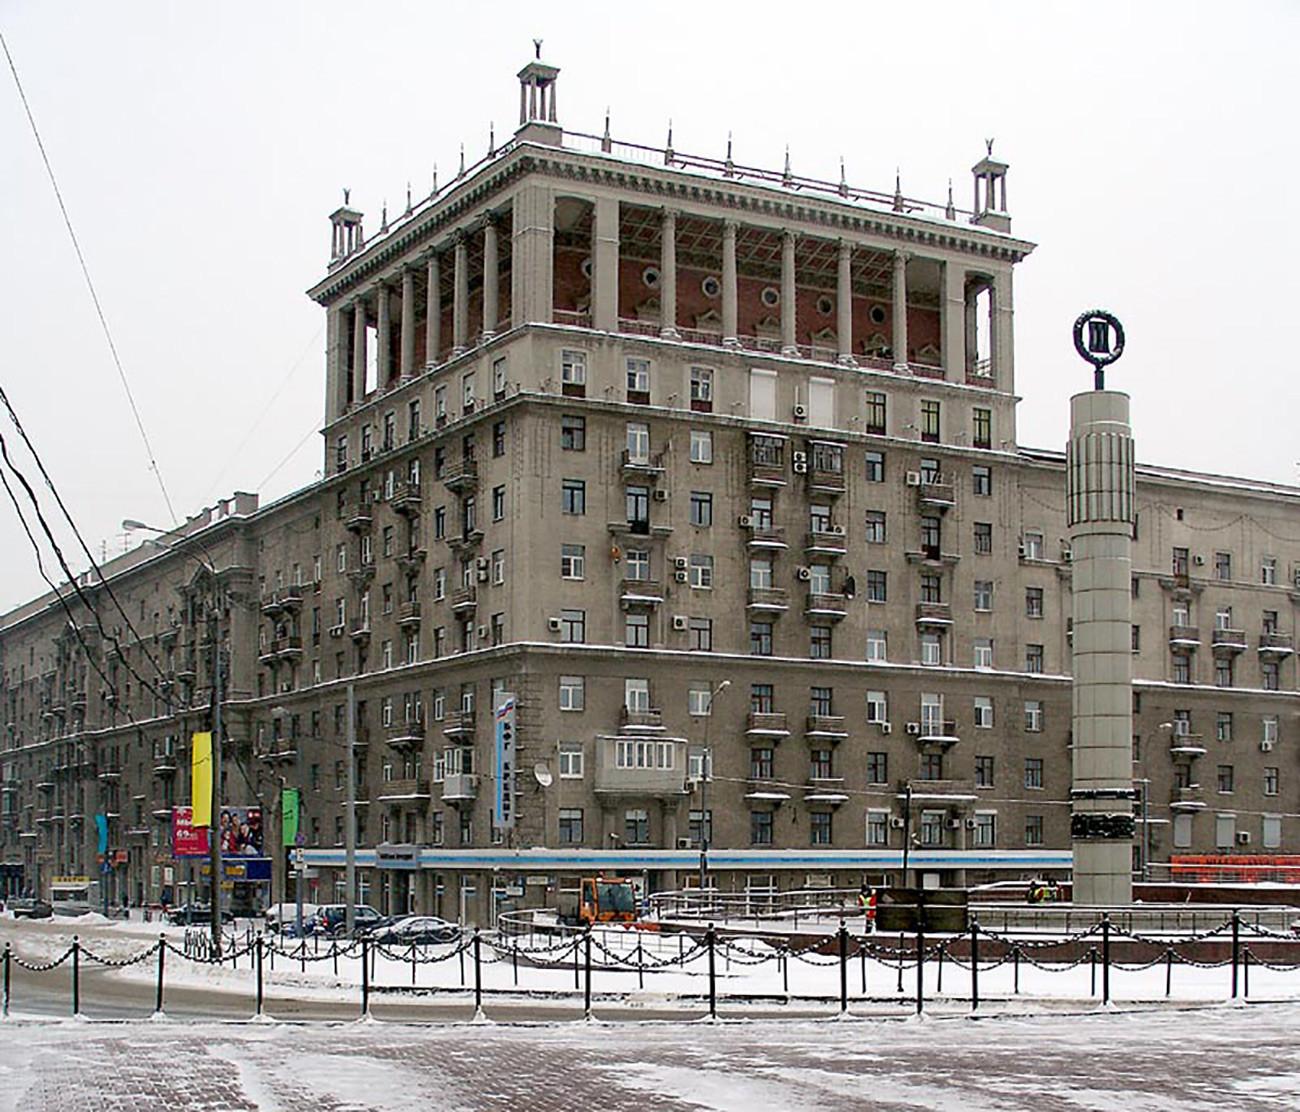 Стамбена зграда на Кутузовском проспекту бр. 35 од 1938. до 1941. у Москви